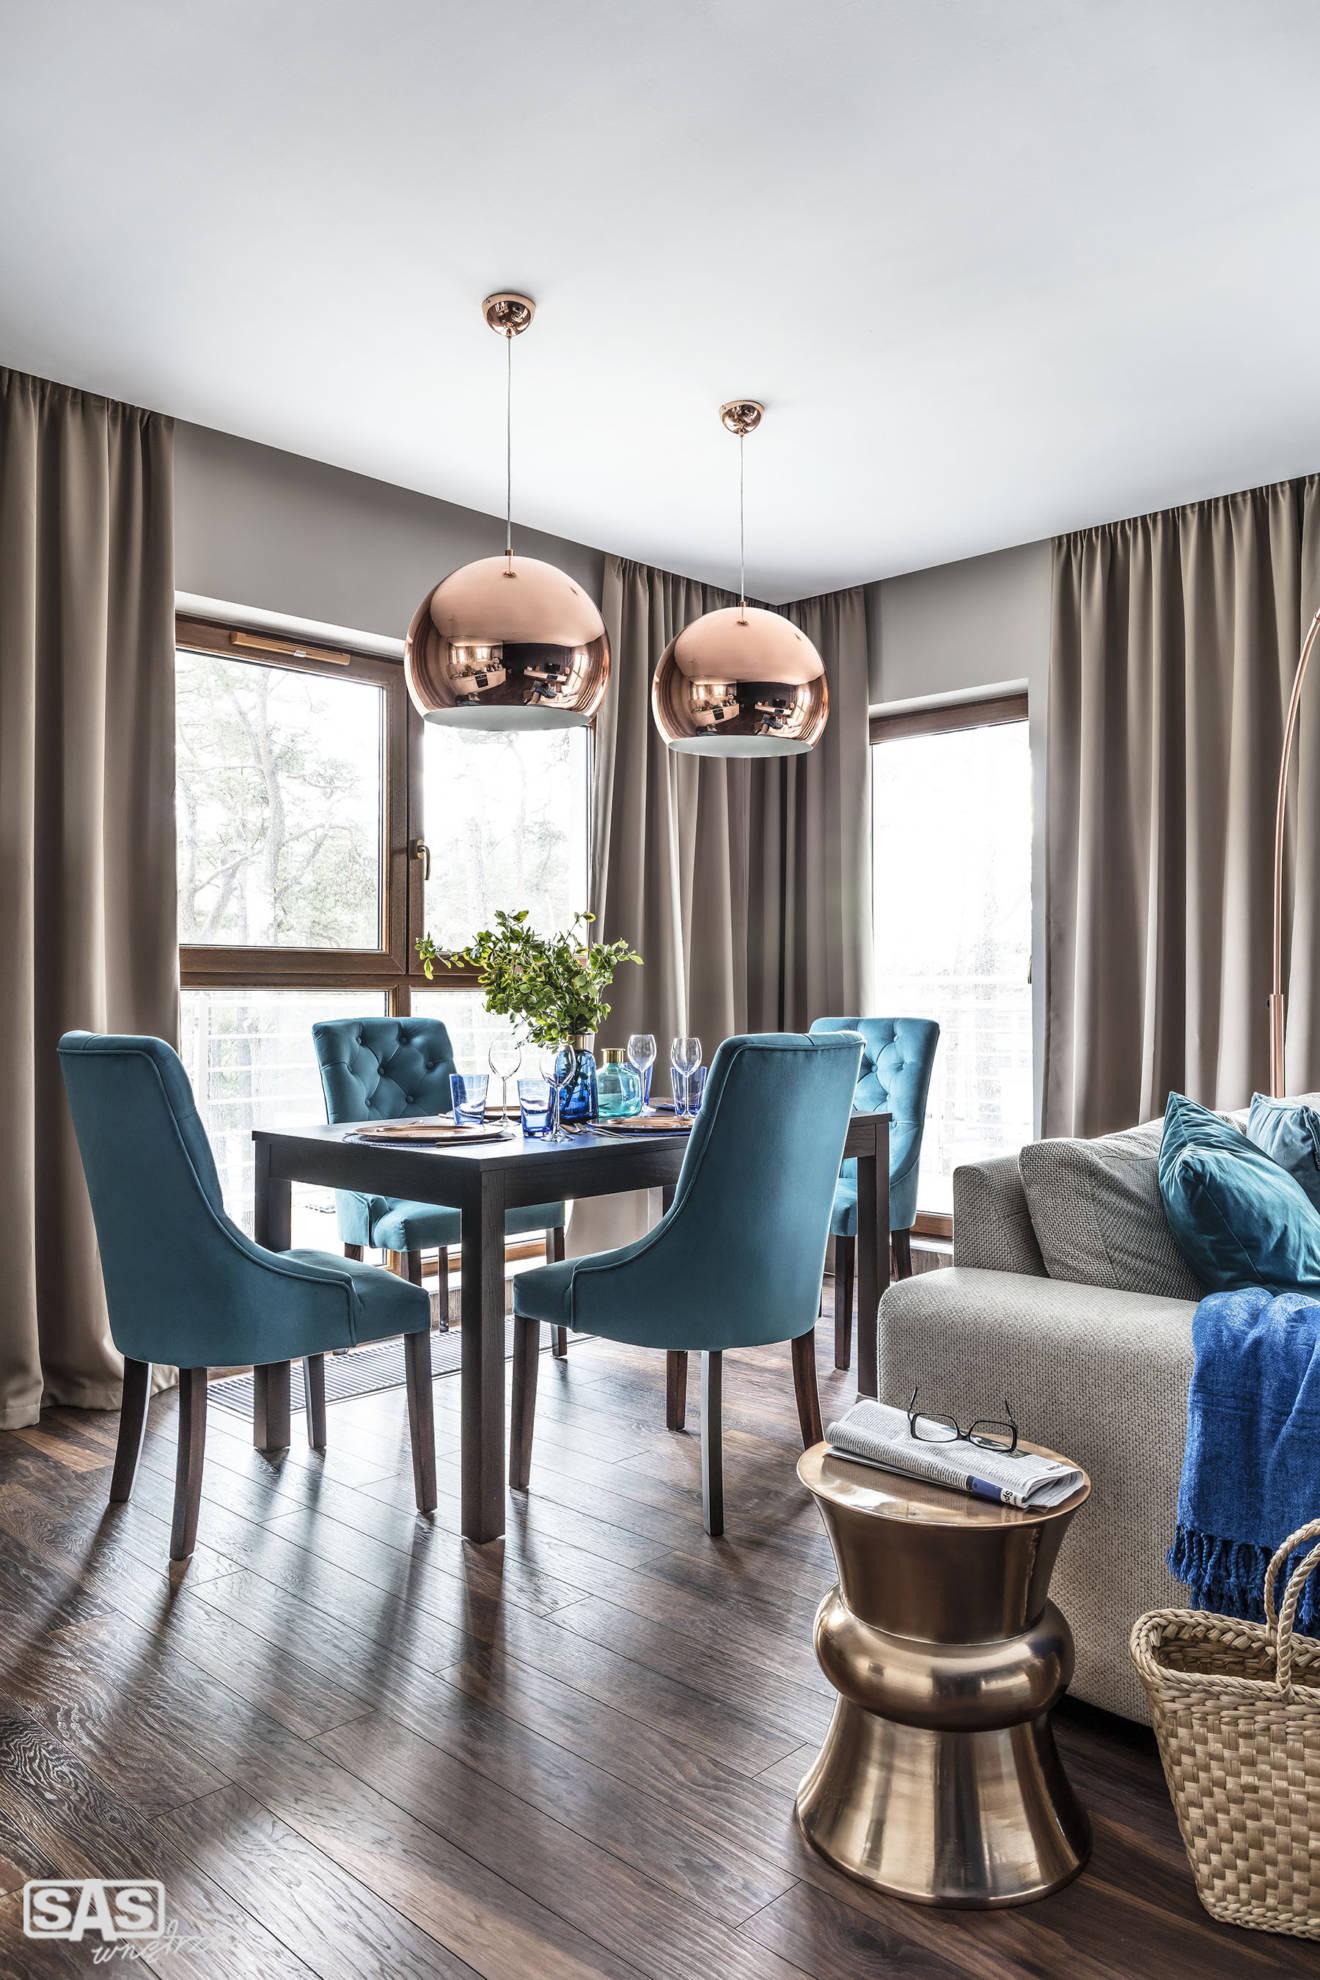 Aranżacja otwartej jadalni połączonej z salonem - projekt architekt wnętrz Emilia Strzempek Plasun.